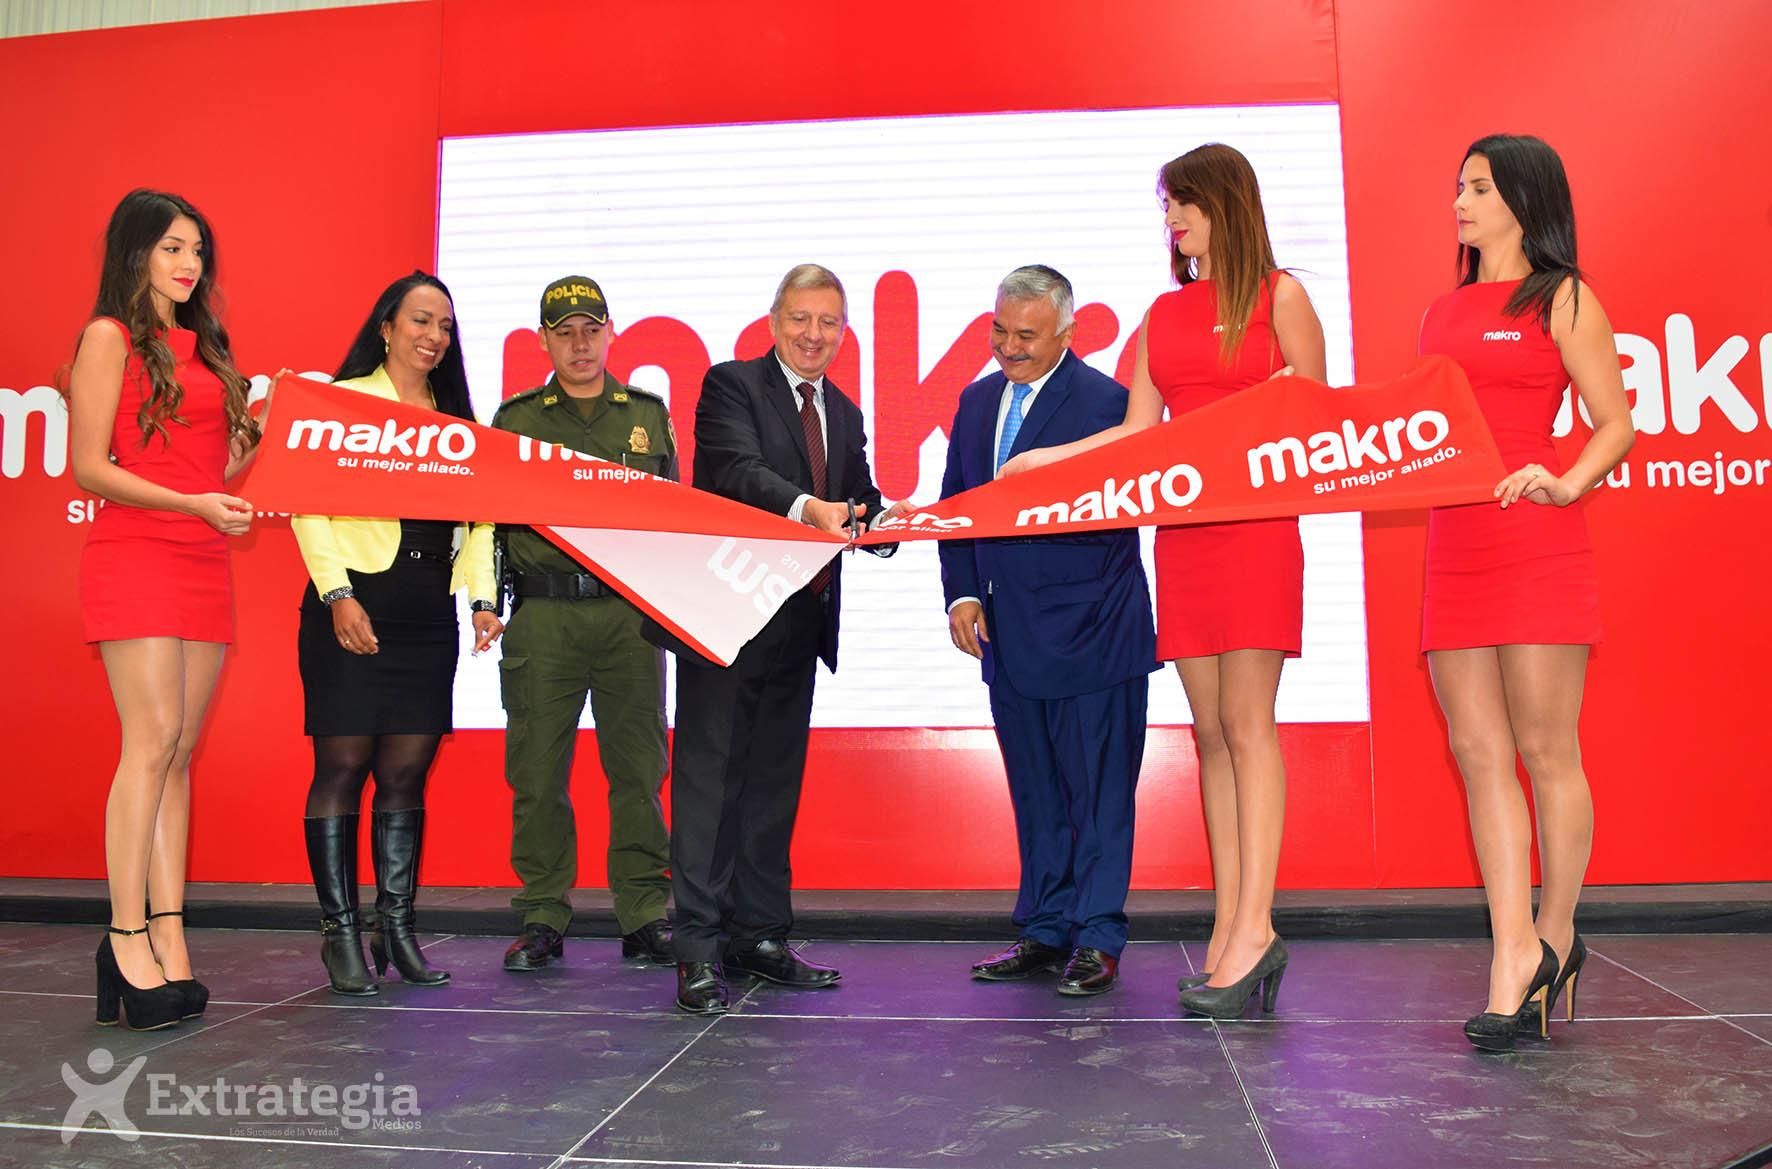 makro apertura - Makro abrirá cuatro nuevas tiendas en Colombia